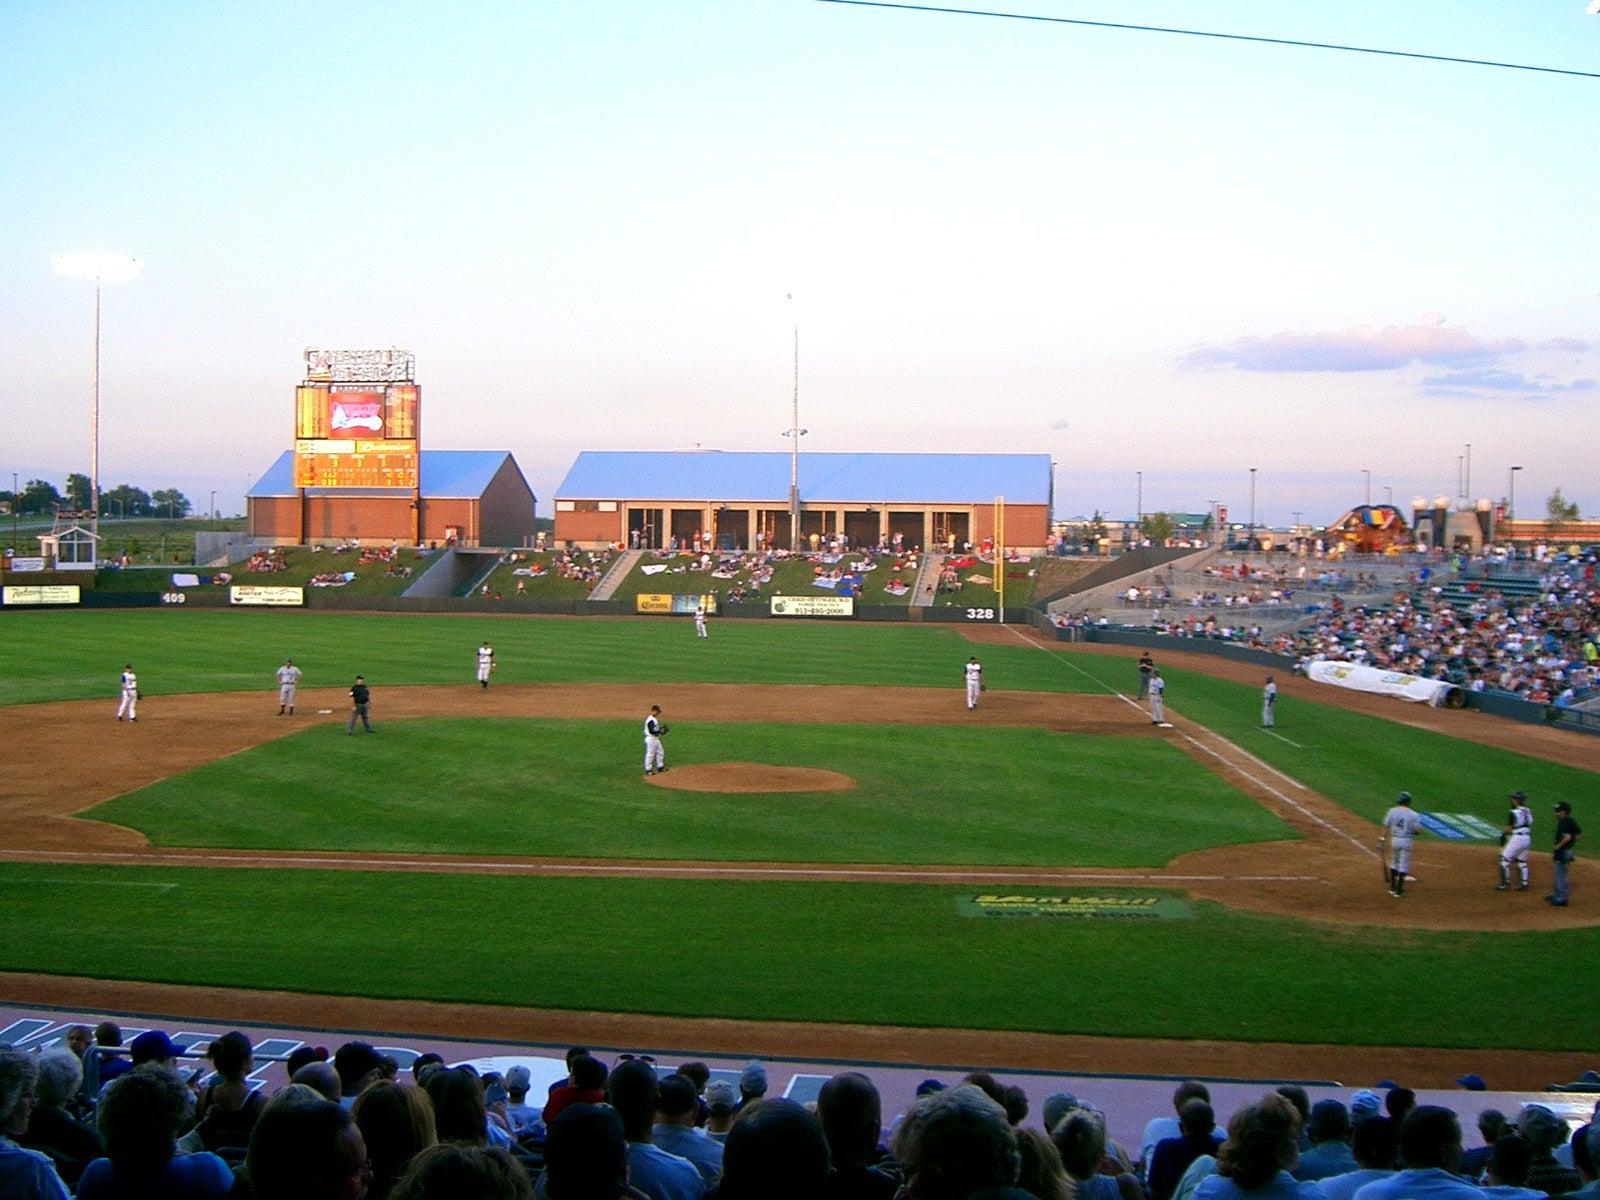 CommunityAmerica Ballpark